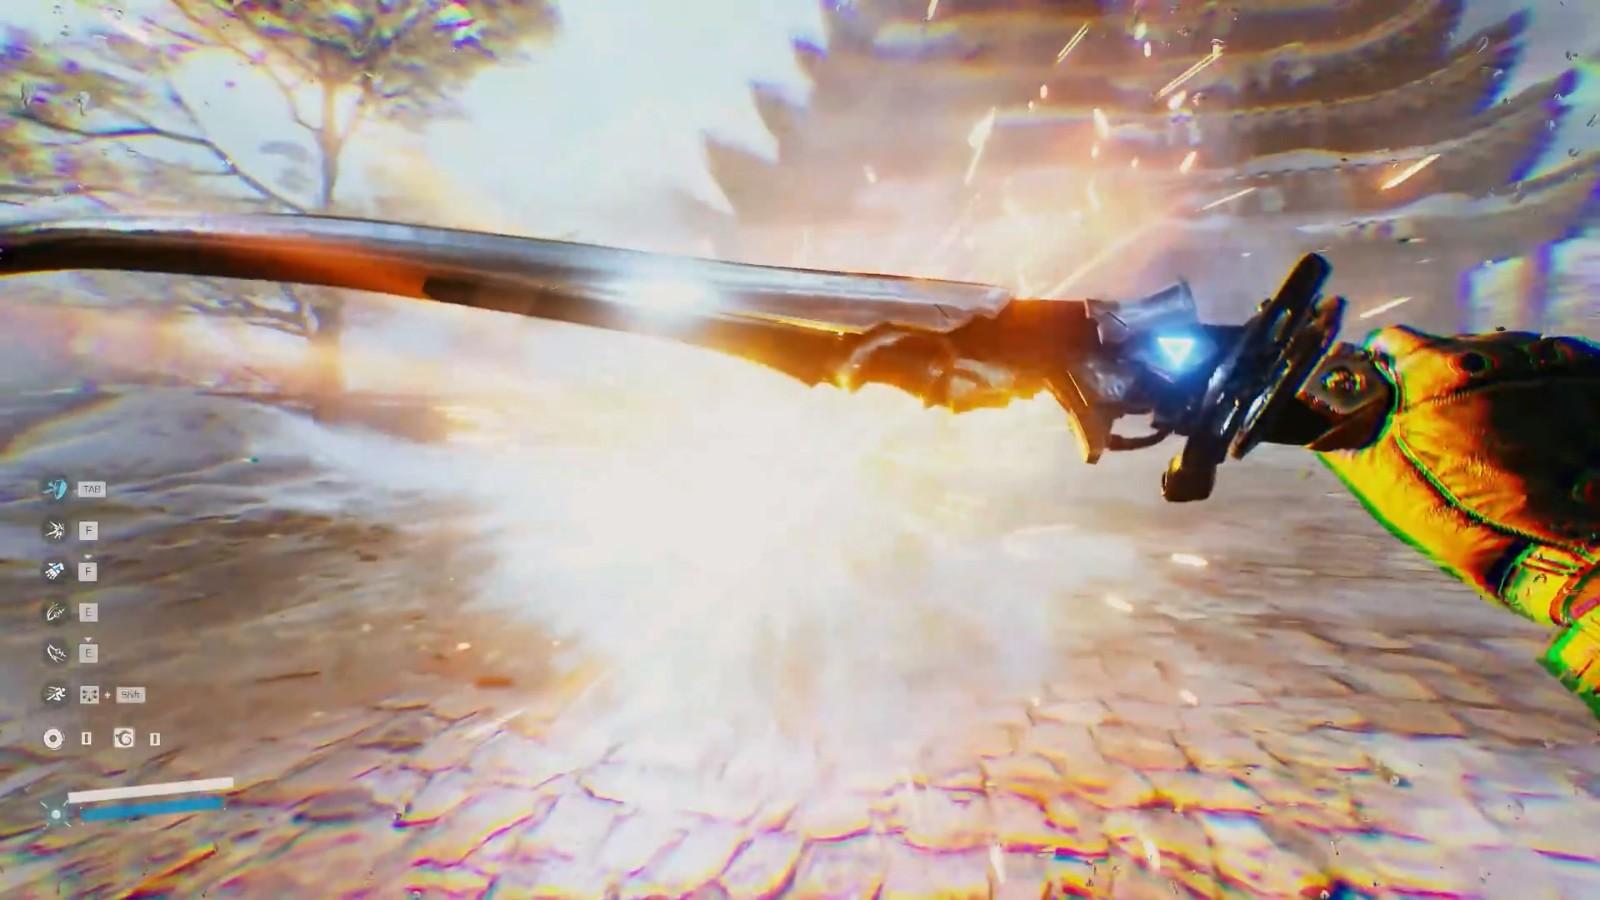 《光明记忆:无限》新实机预告 新武器和Boss战展示